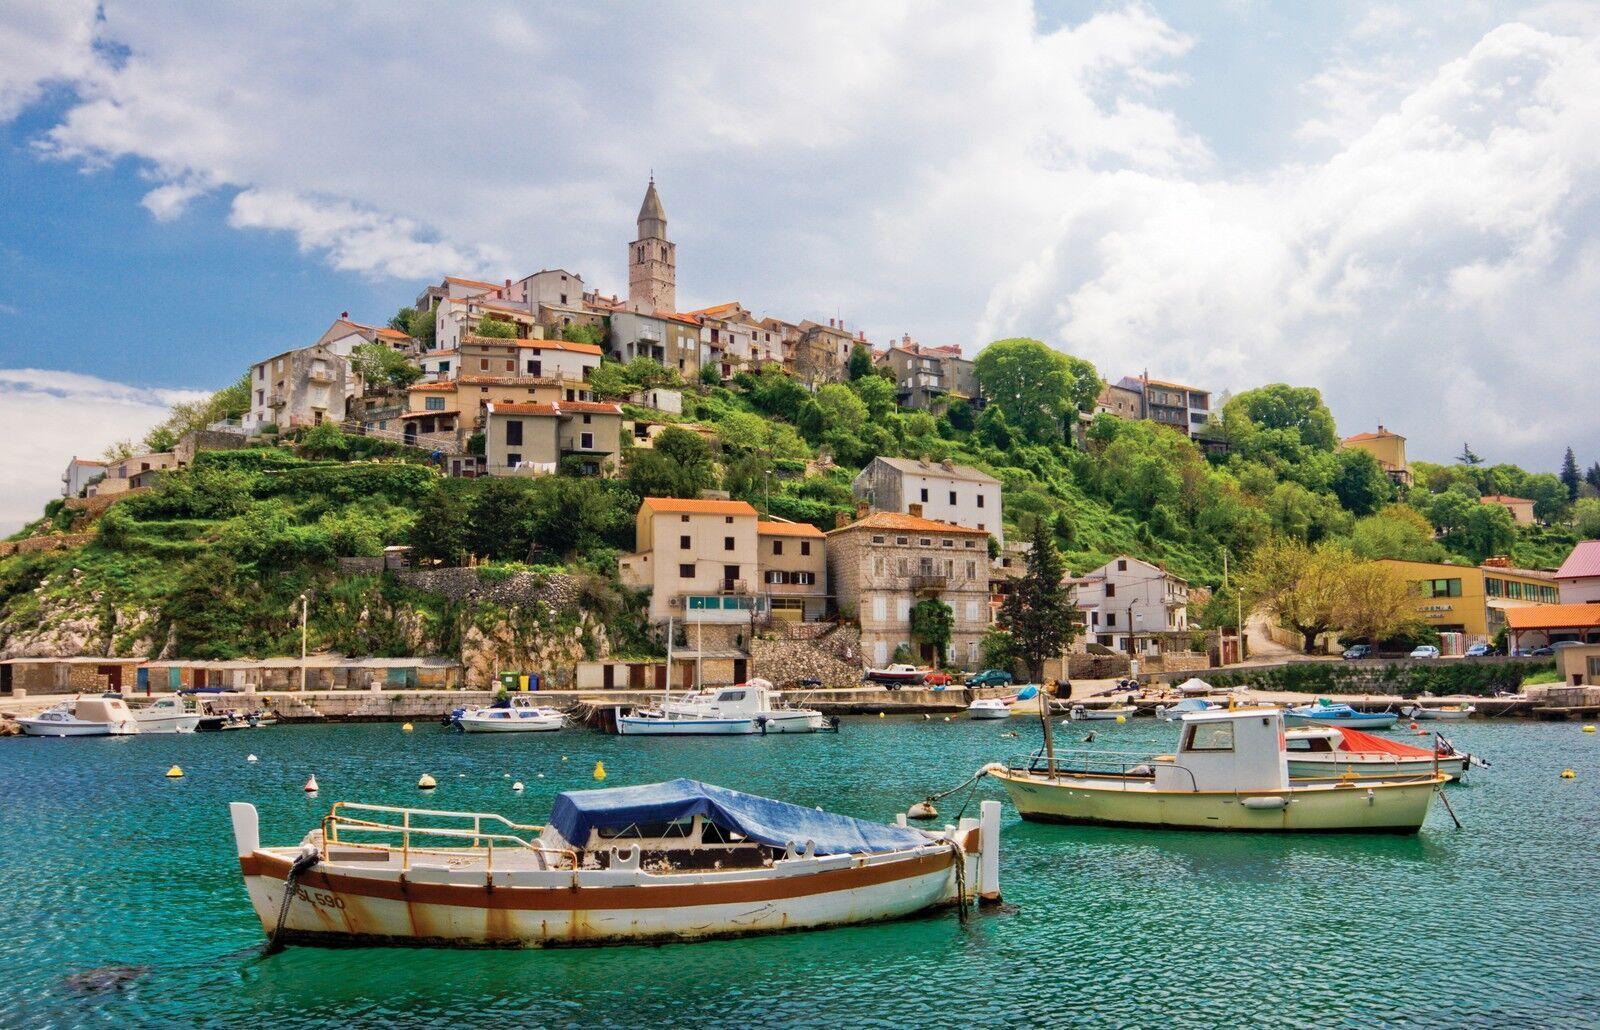 В конце весны отдыхающие в Хорватии смогут поплавать в море и насладиться теплыми солнечными лучами.